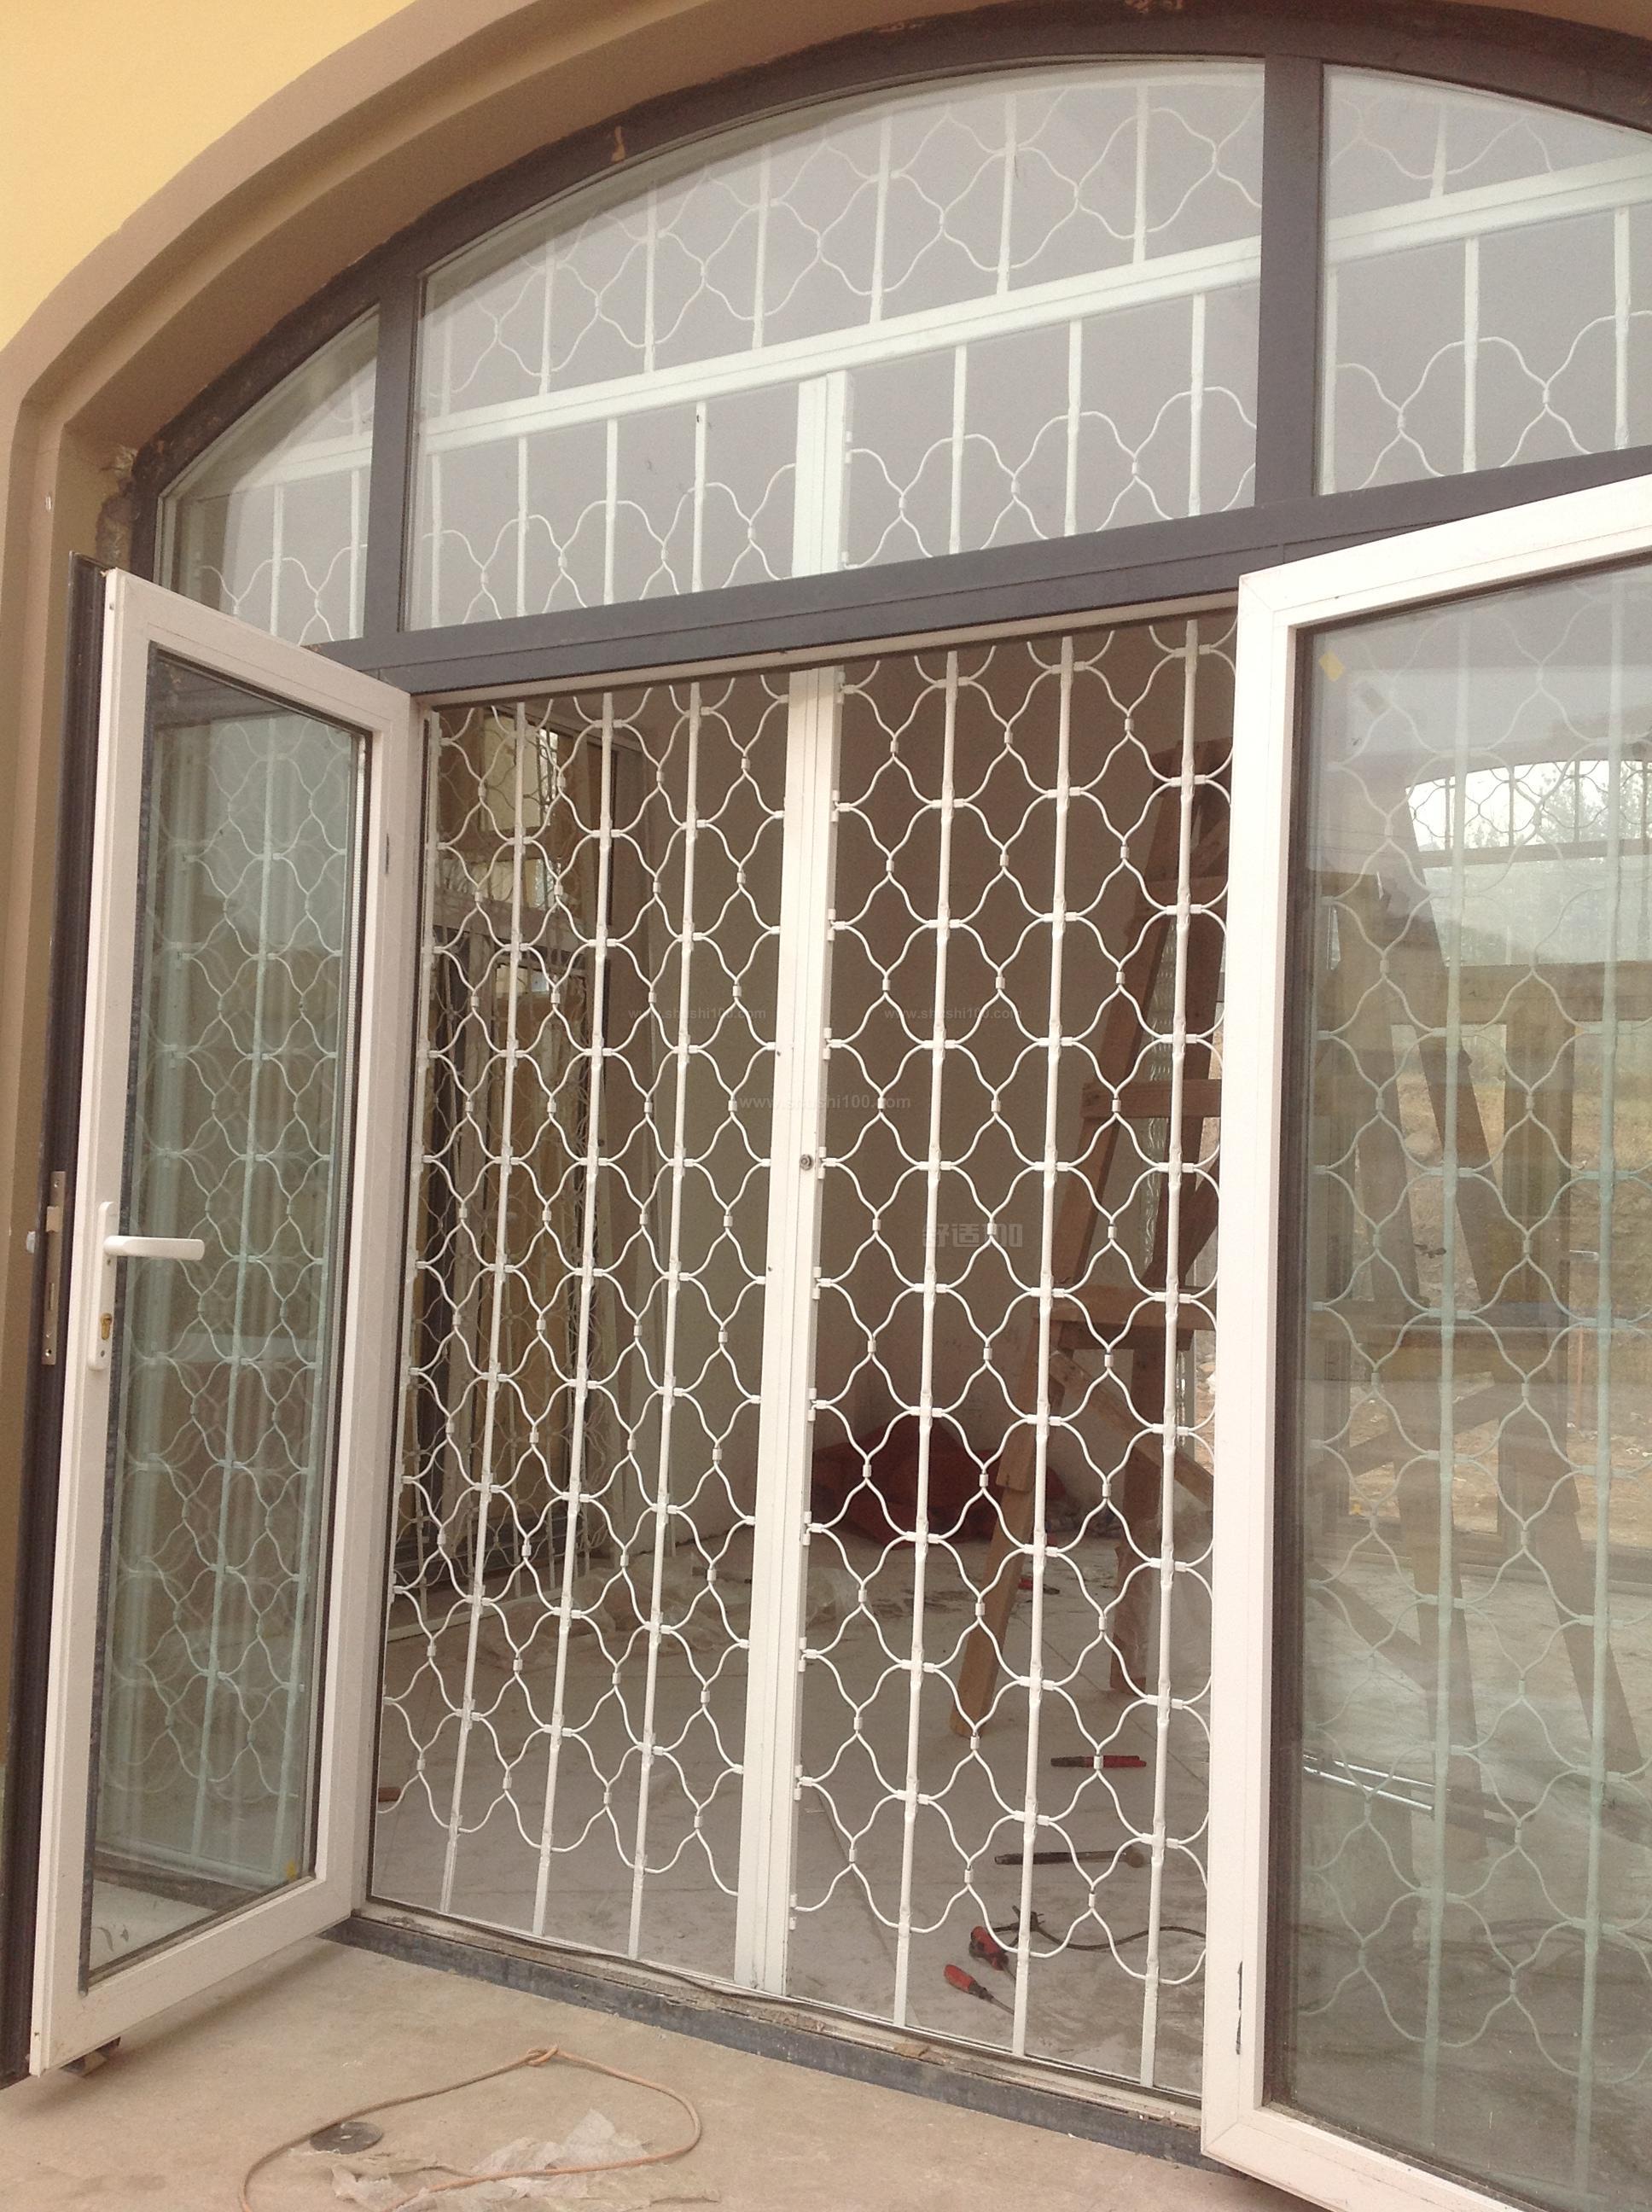 折叠式防盗门 折叠式防盗门的推荐品牌